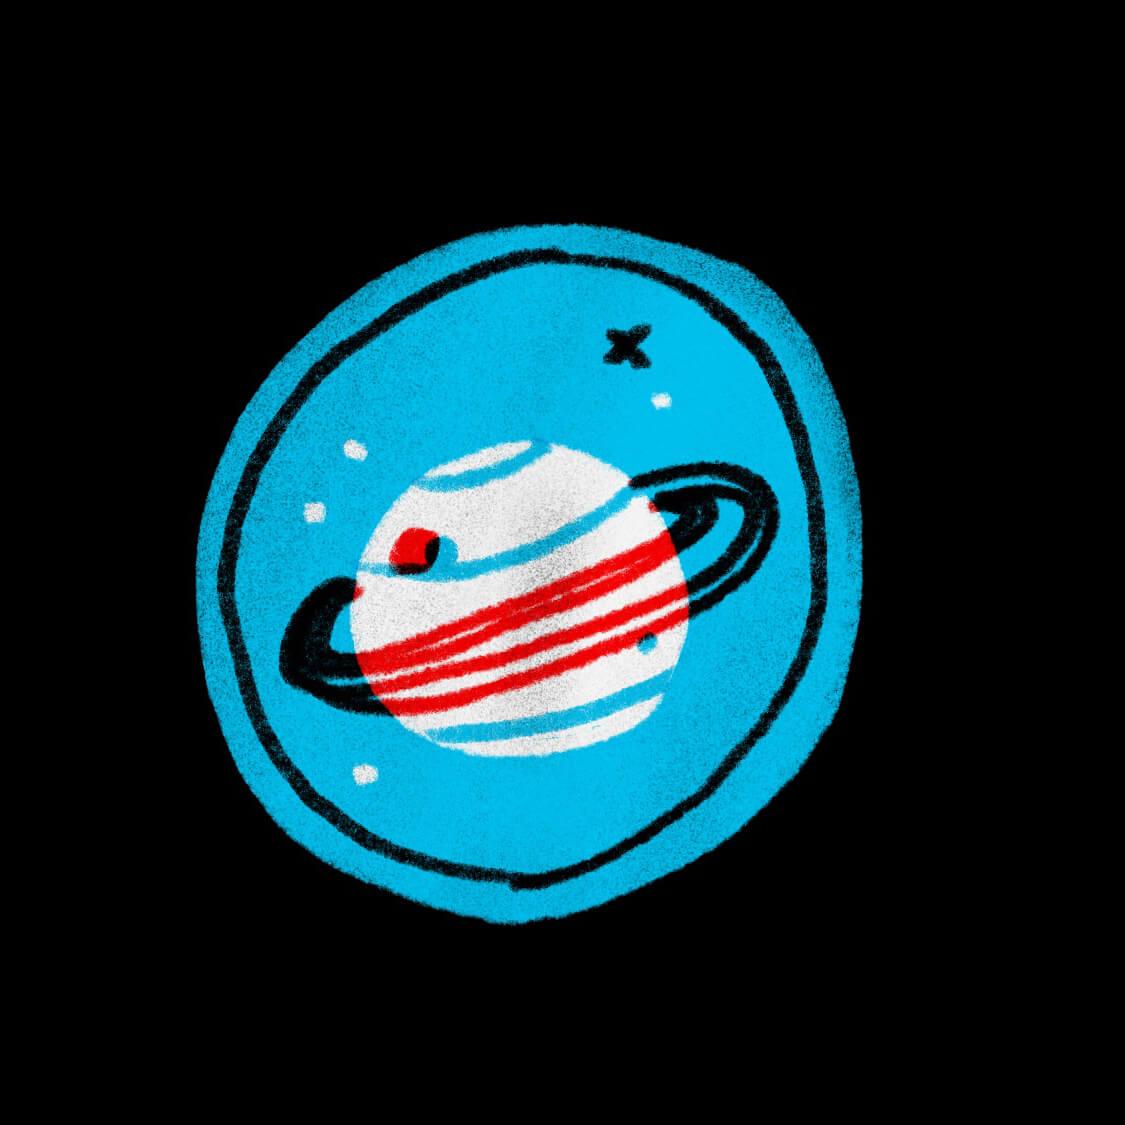 RE_WEB_MS_SPACE_12.jpg